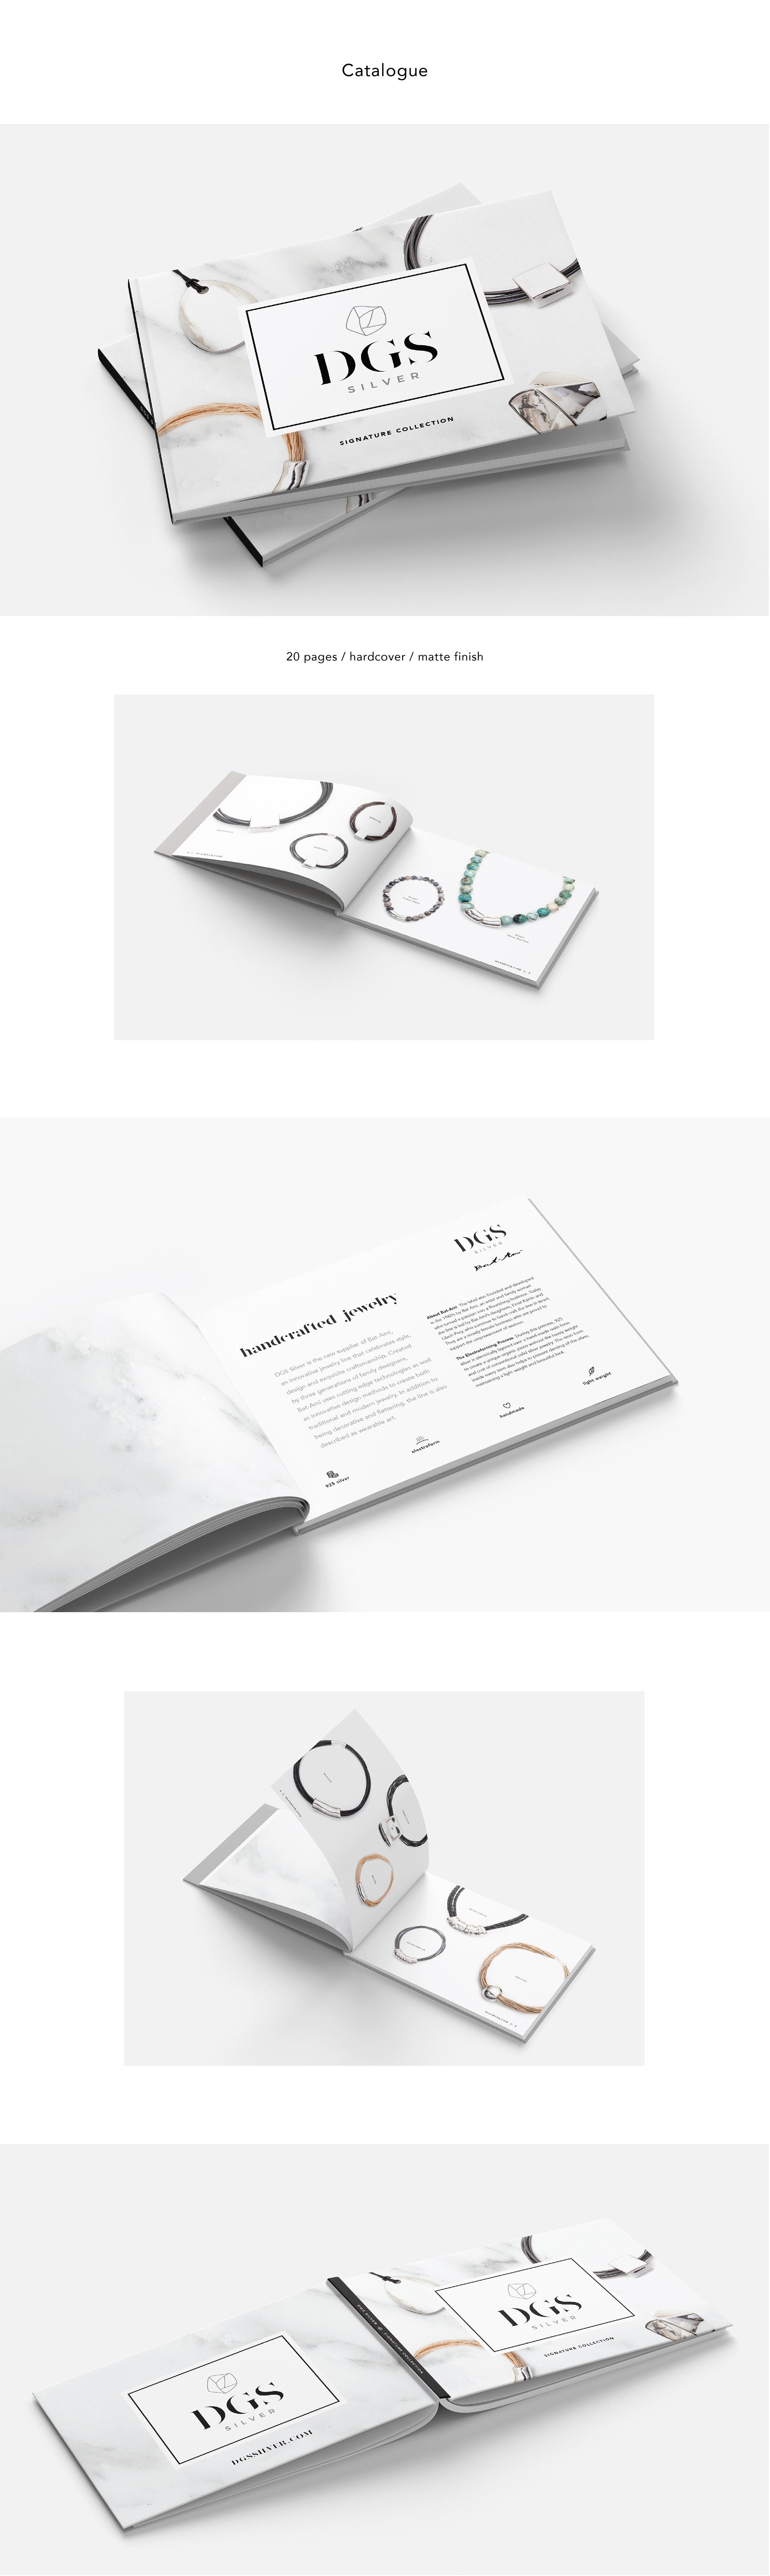 DGSsilver-Branding-02.jpg